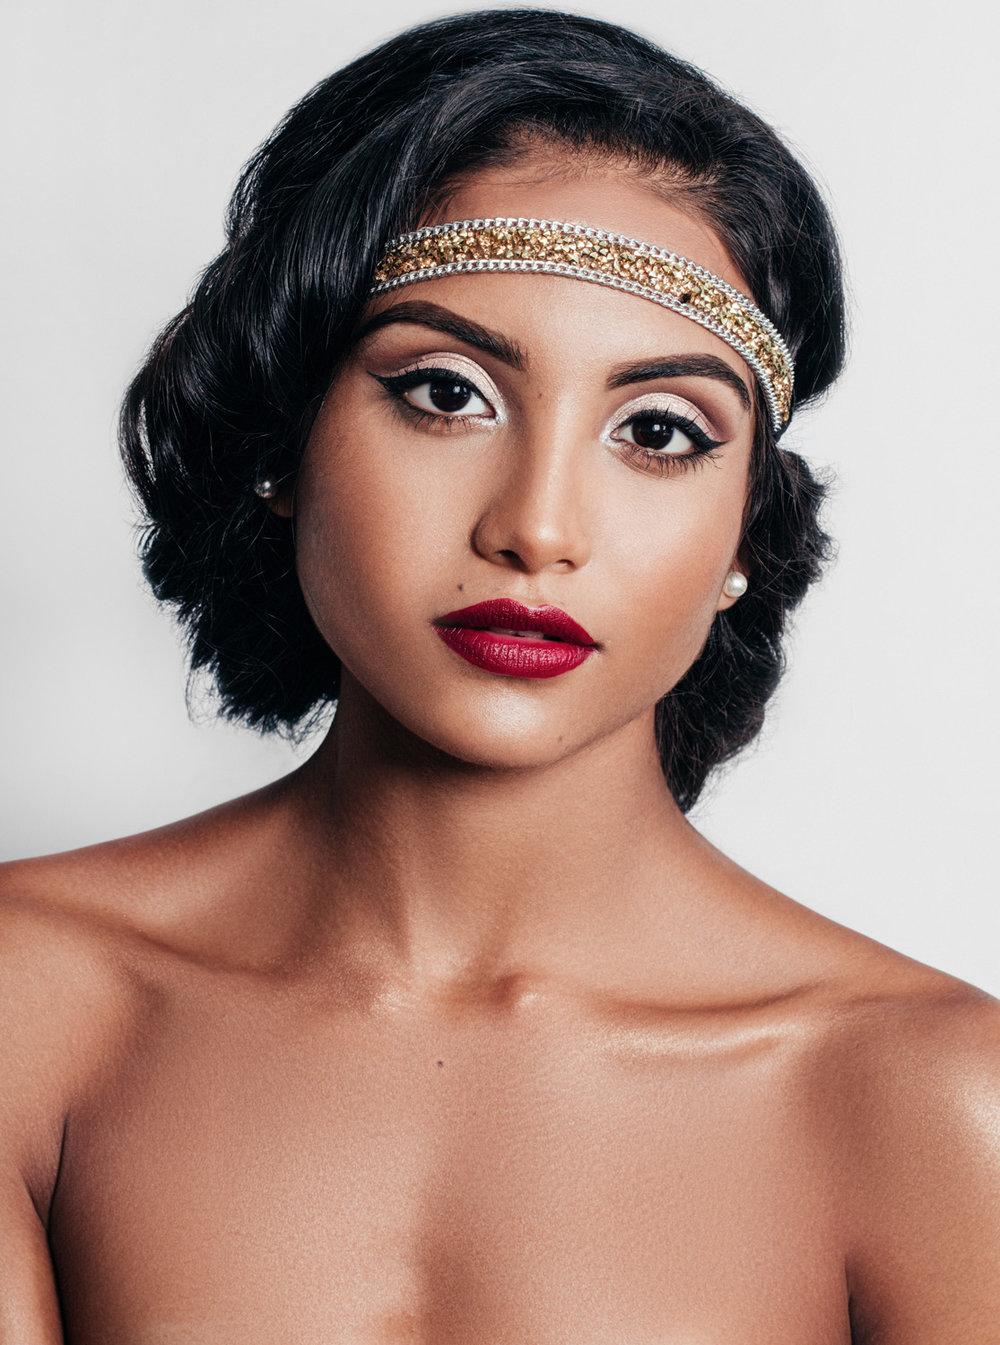 paulina-pecak-OMA-makeup-artist-educator_14_1.jpg